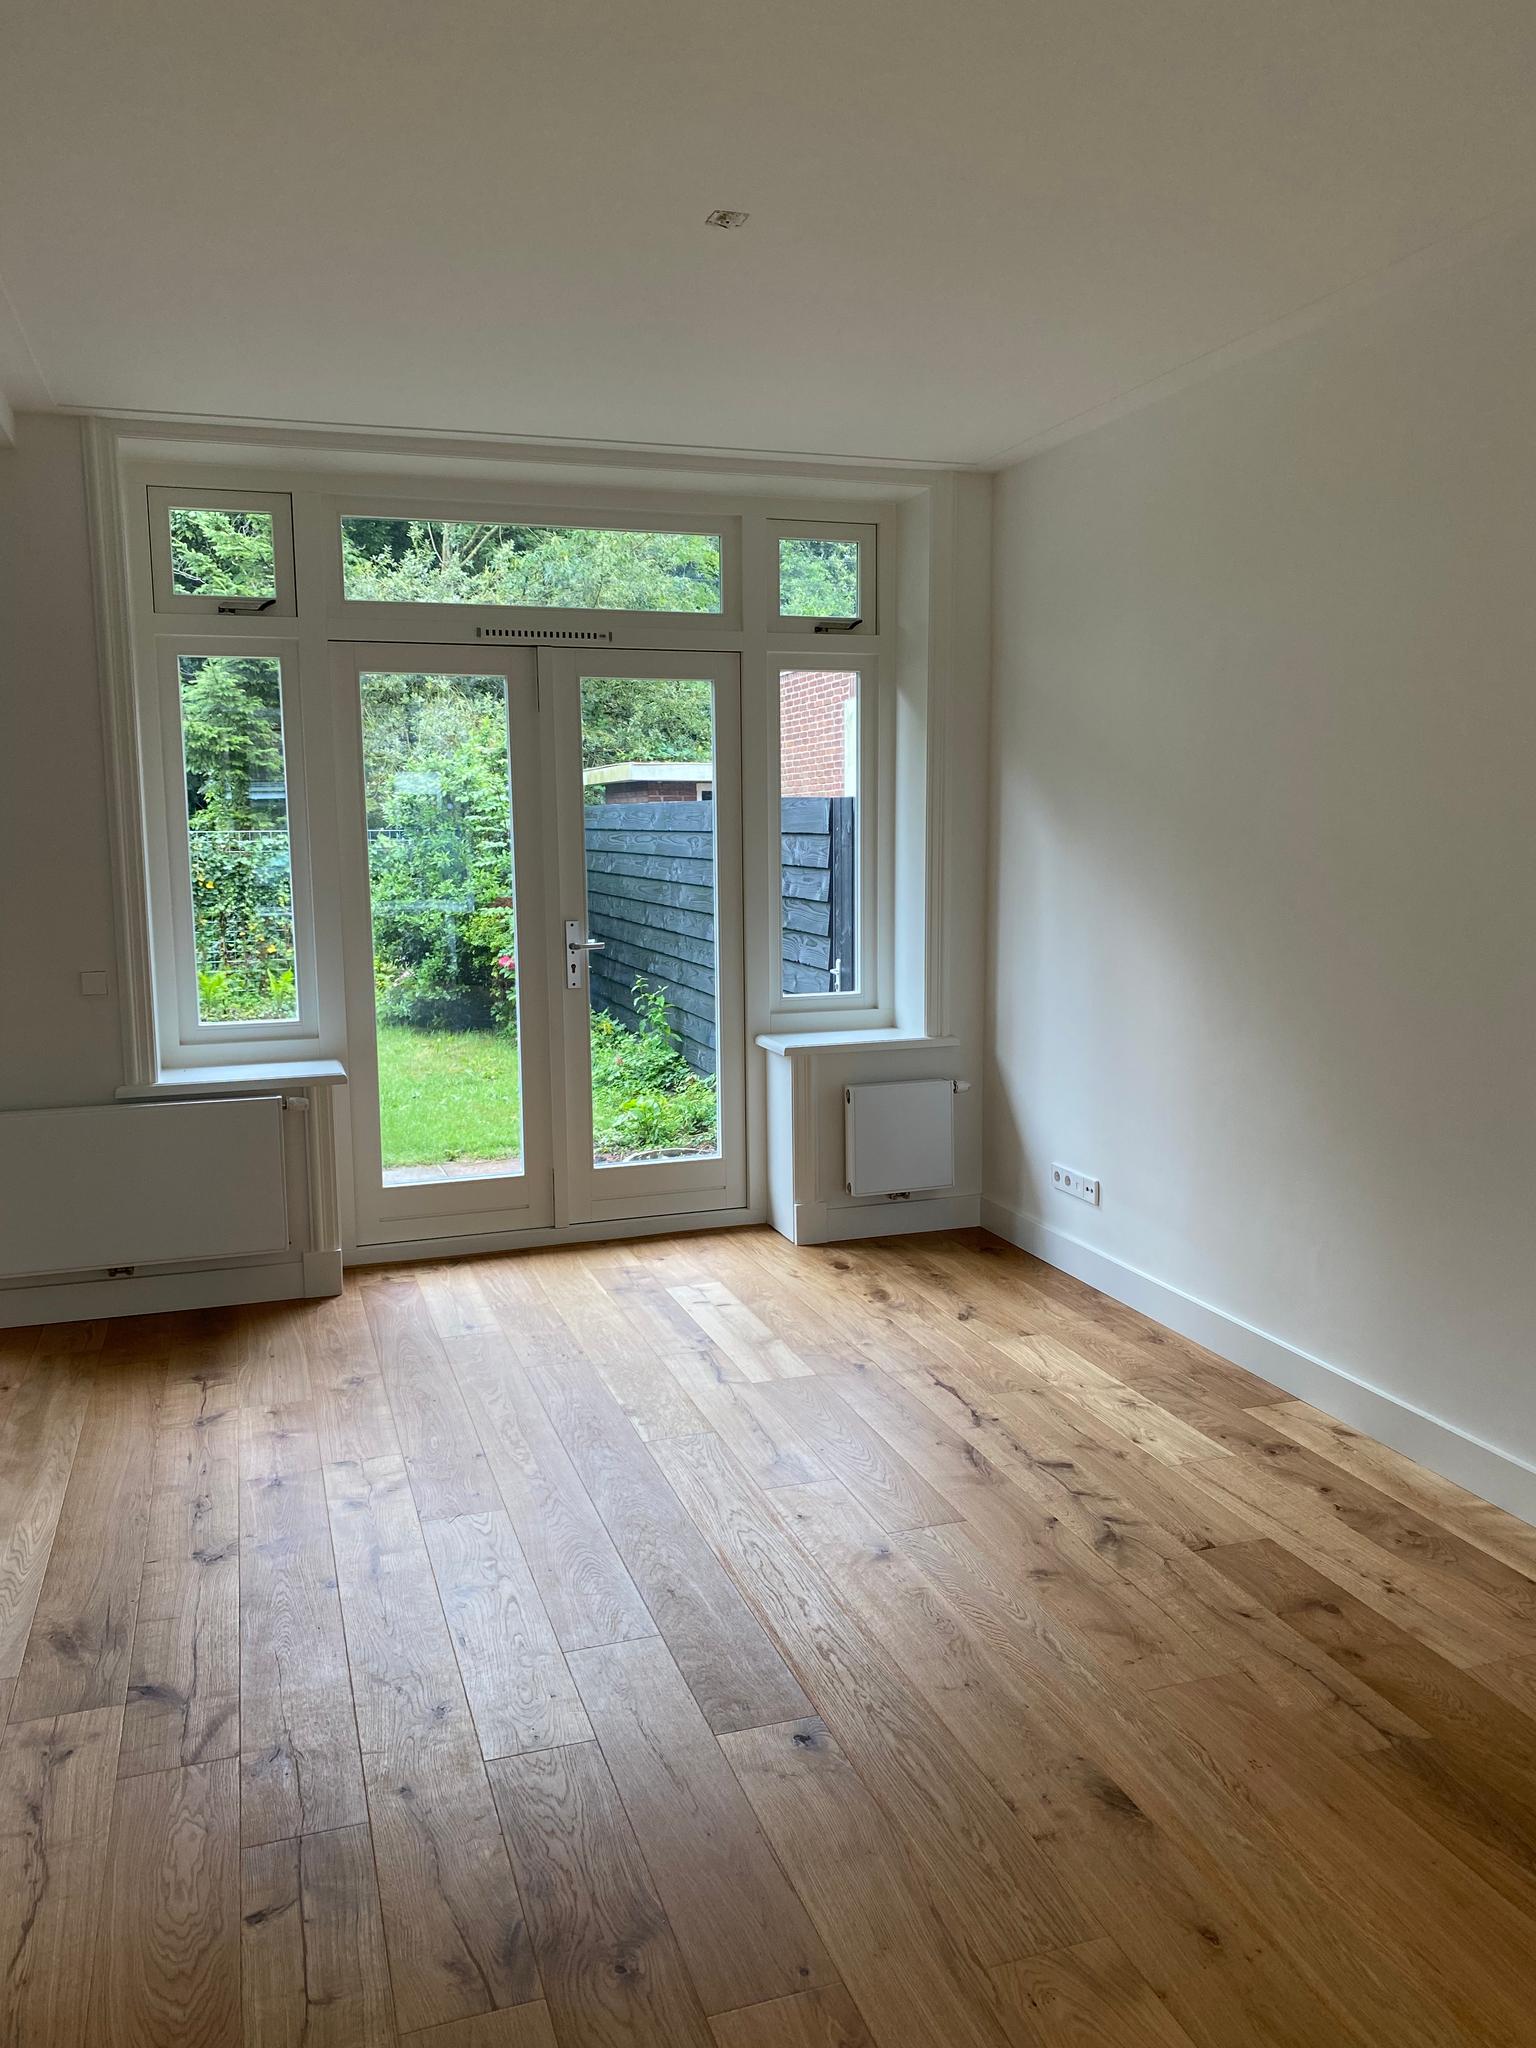 Te huur : Woonhuis Kamerlingh Onnesstraat 81 in Haarlem